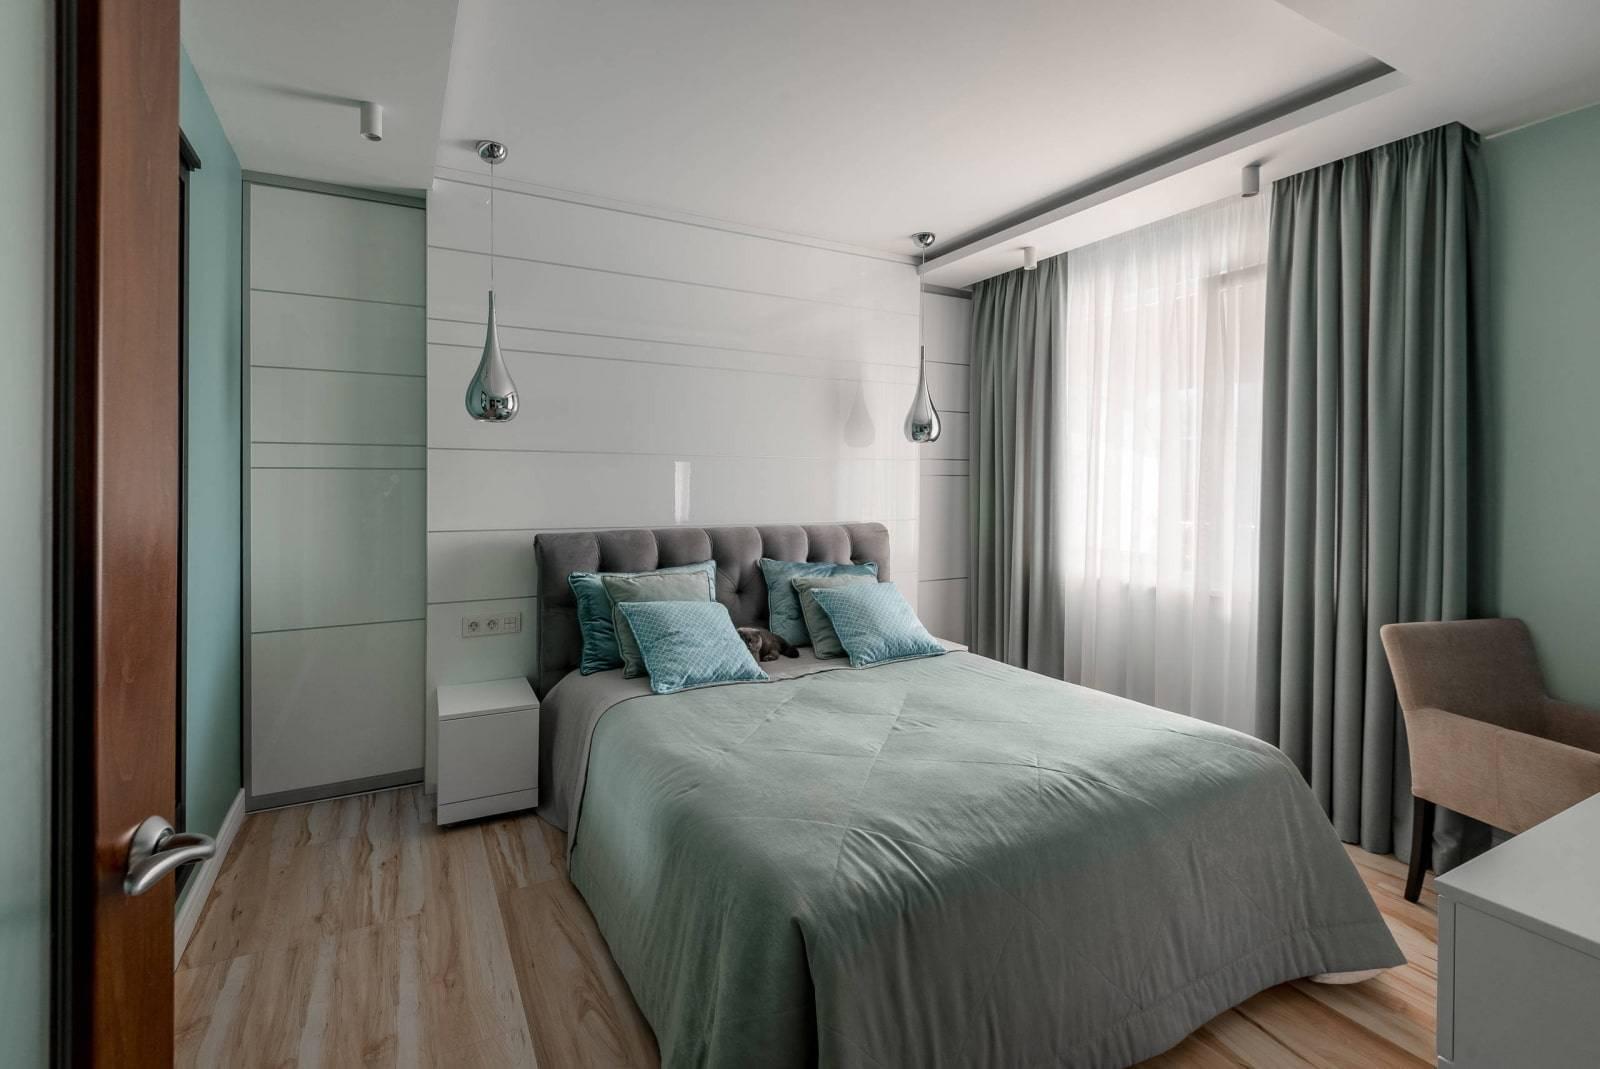 100 лучших идей для красивой спальни: дизайн интерьеров на фото